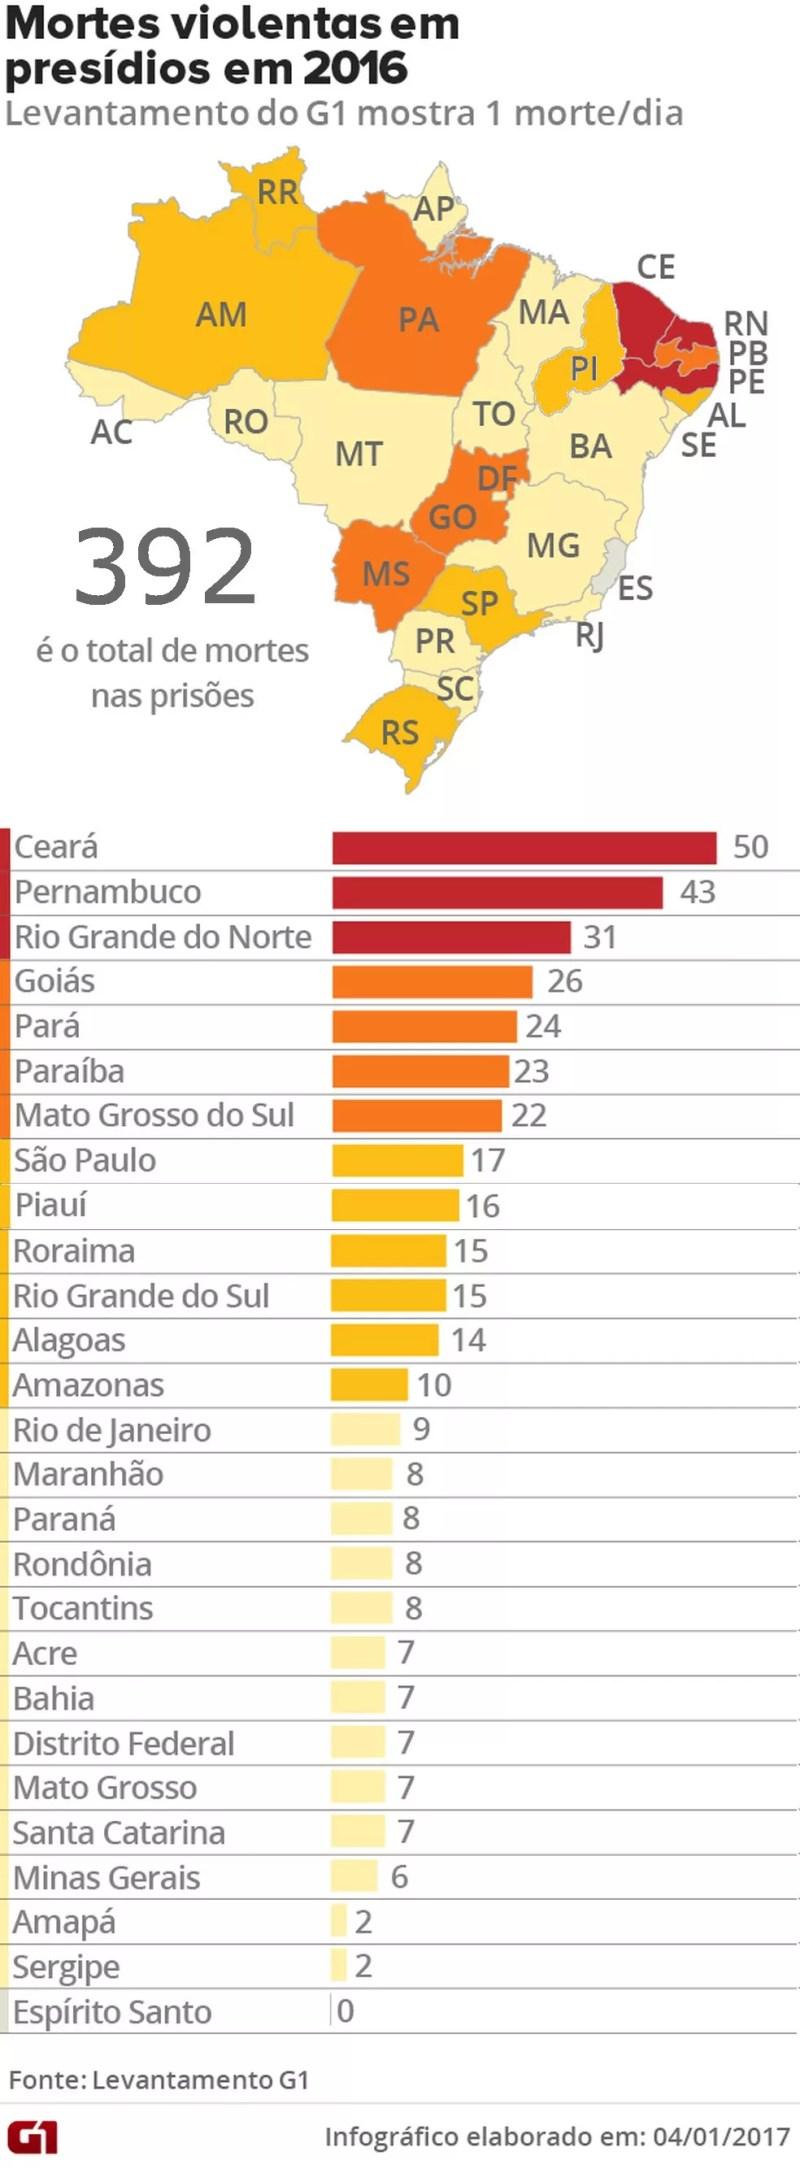 Brasil teve quase 400 mortes violentas nos presídios em 2016 (Foto: Editoria de Arte/G1)